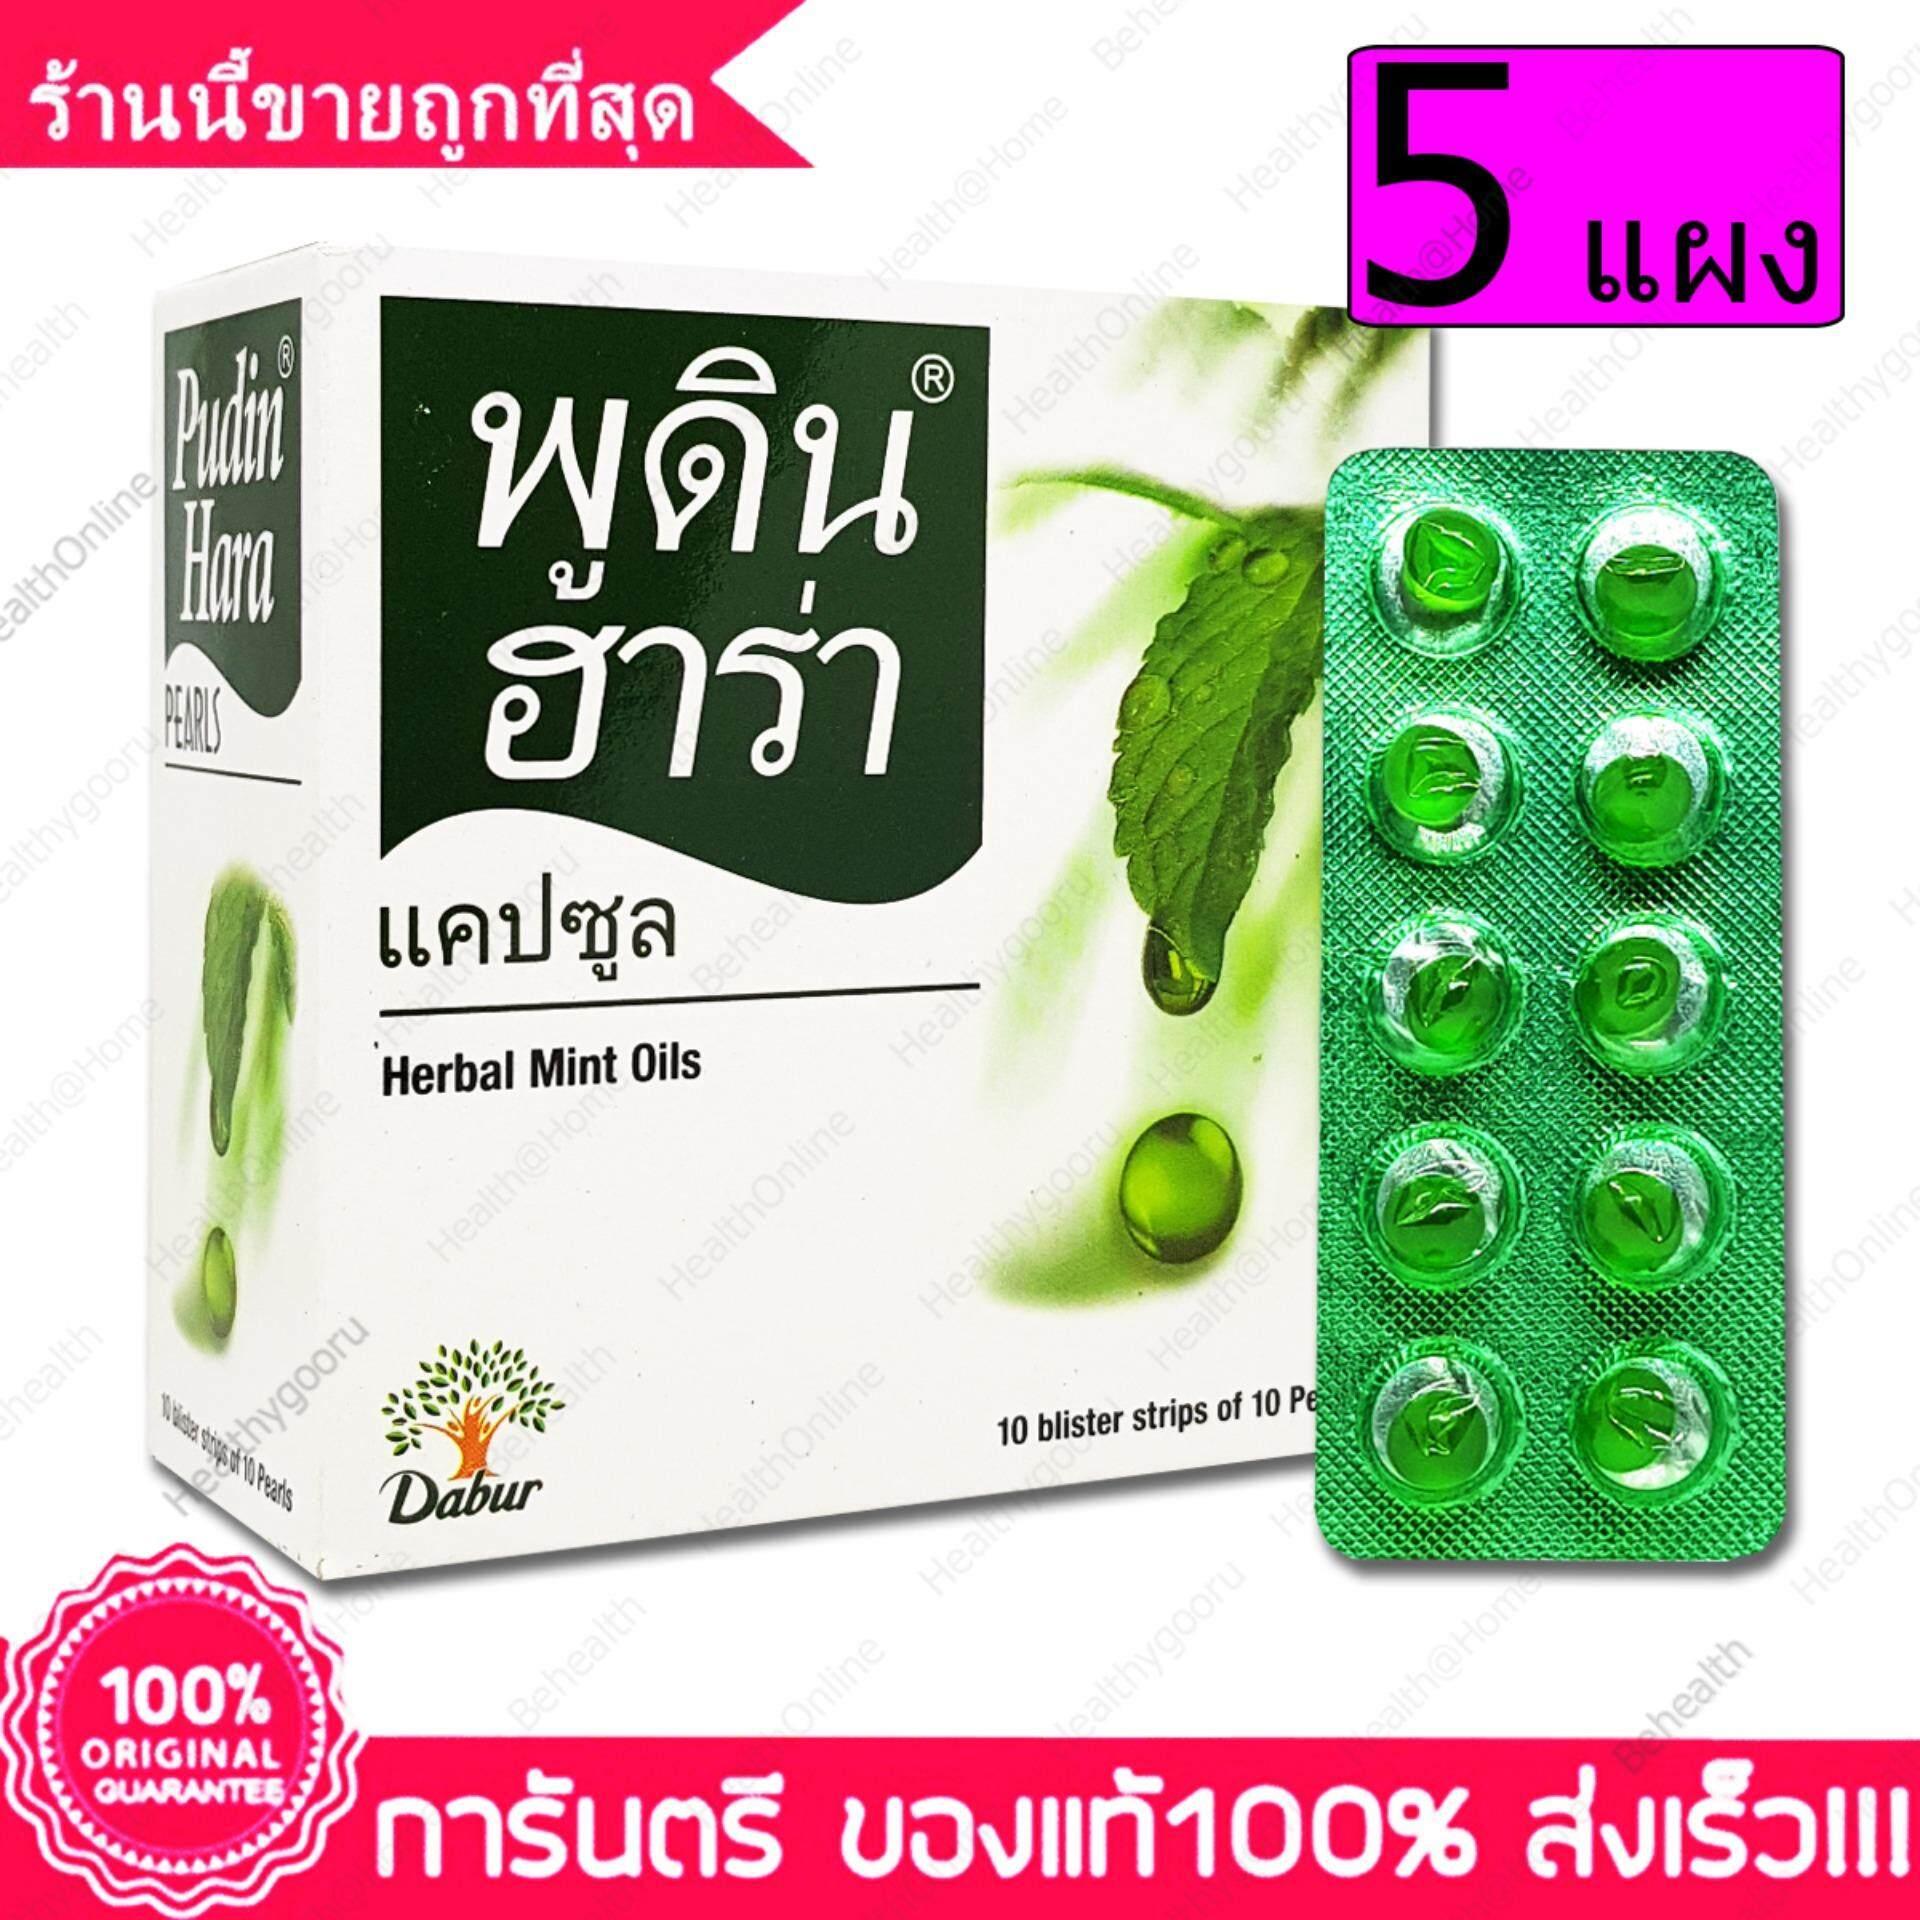 พูดิน ฮาร่า ขับลม ขับแก๊ส ช่วยย่อย Pudin Hara Pearls Herbal Mint Oils 50 แคปซูล(capsules) (5แผง) By Behealth.